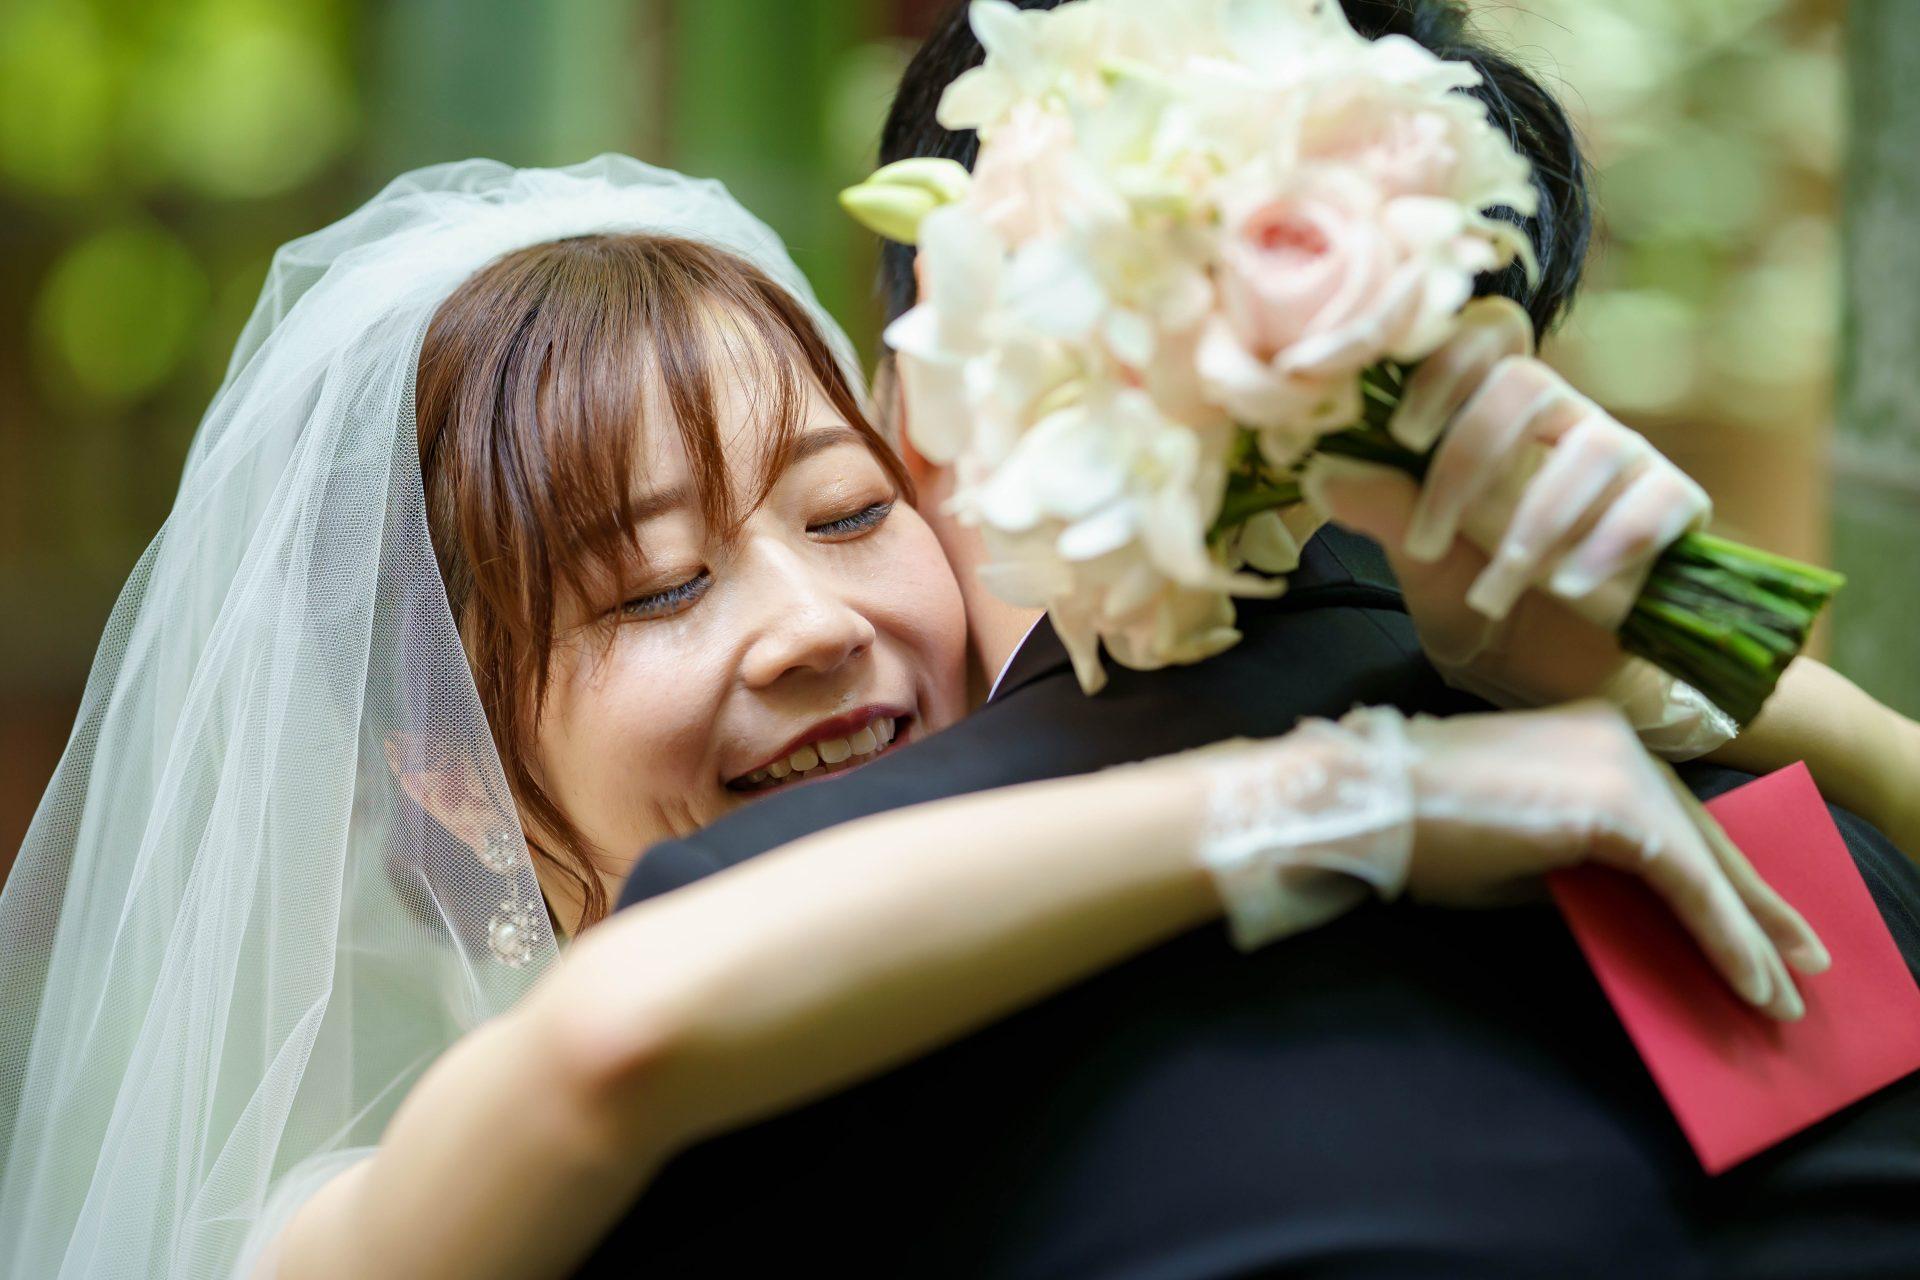 フォーチュンガーデン京都店の提携会場フォーチュンガーデン京都で結婚式を挙げられる新婦様におすすめの透明感が美しい無地ベールとお洒落なパールのイヤリング